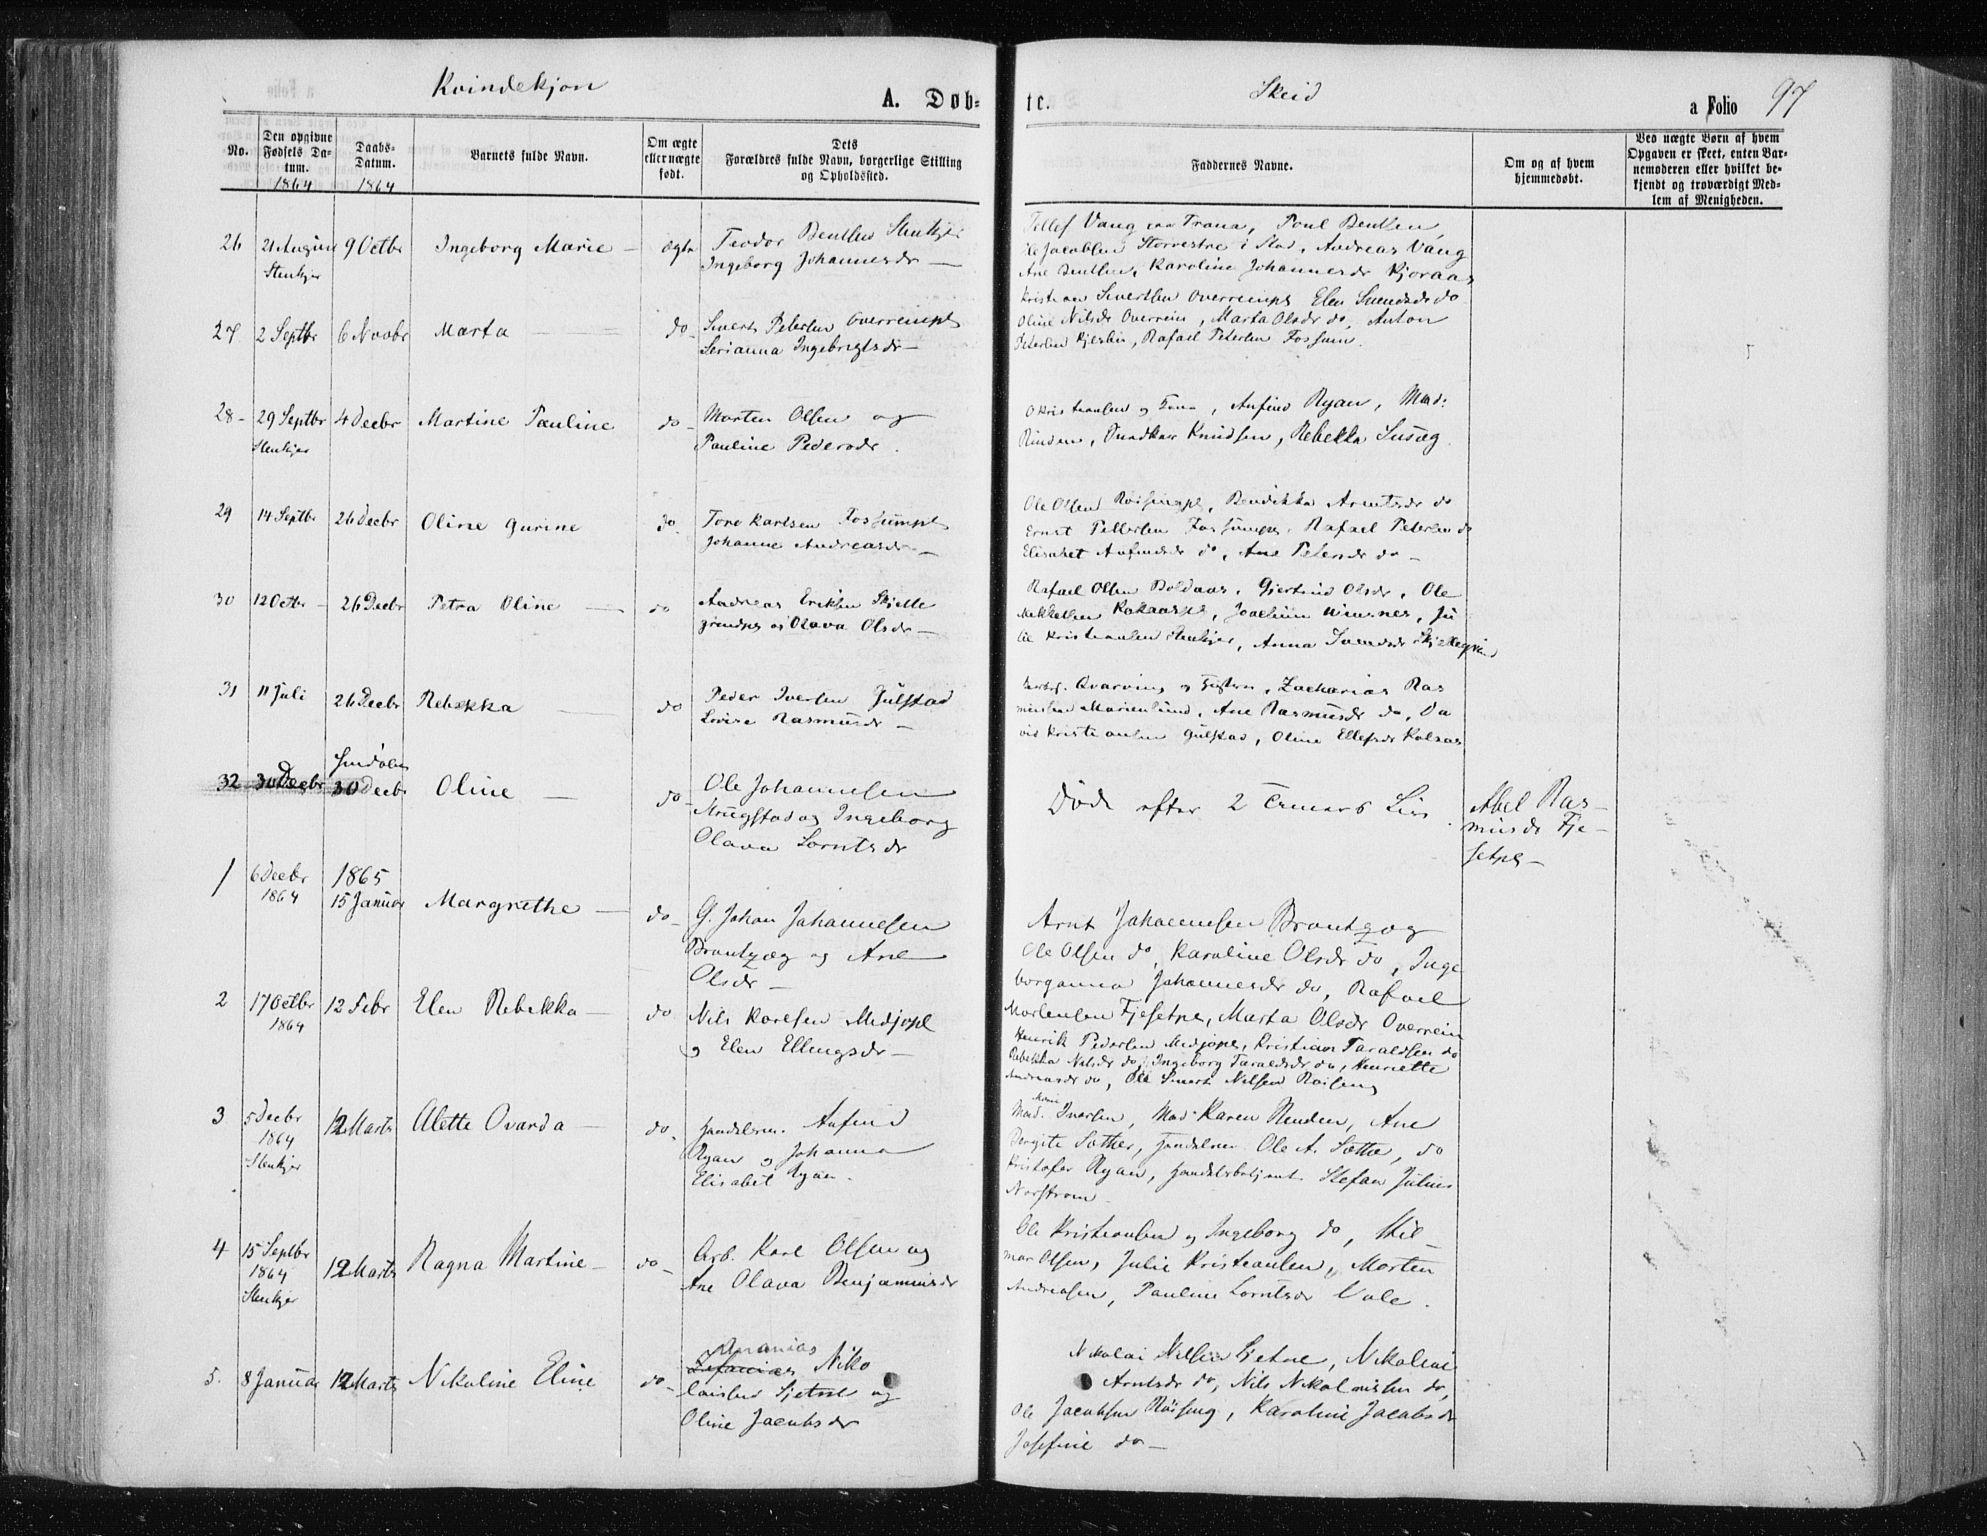 SAT, Ministerialprotokoller, klokkerbøker og fødselsregistre - Nord-Trøndelag, 735/L0345: Ministerialbok nr. 735A08 /2, 1863-1872, s. 97